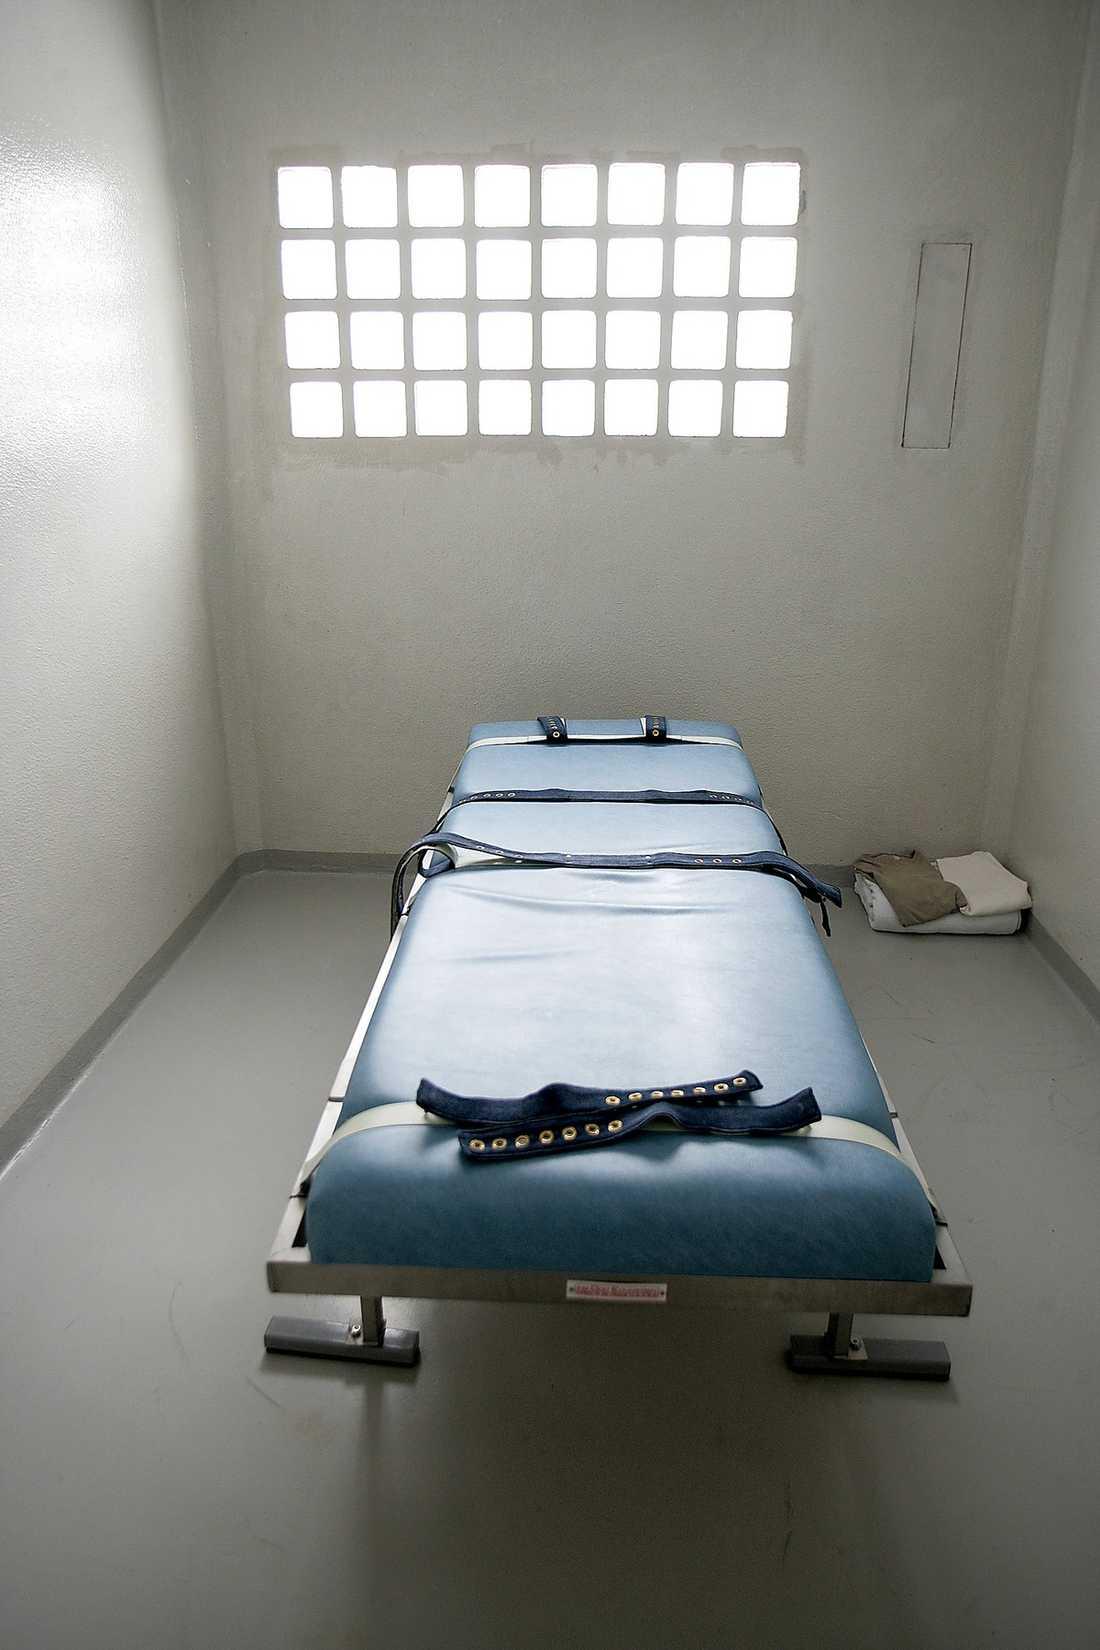 Blir fångarna oregerliga finns denna bänk att spänna fast dem på.